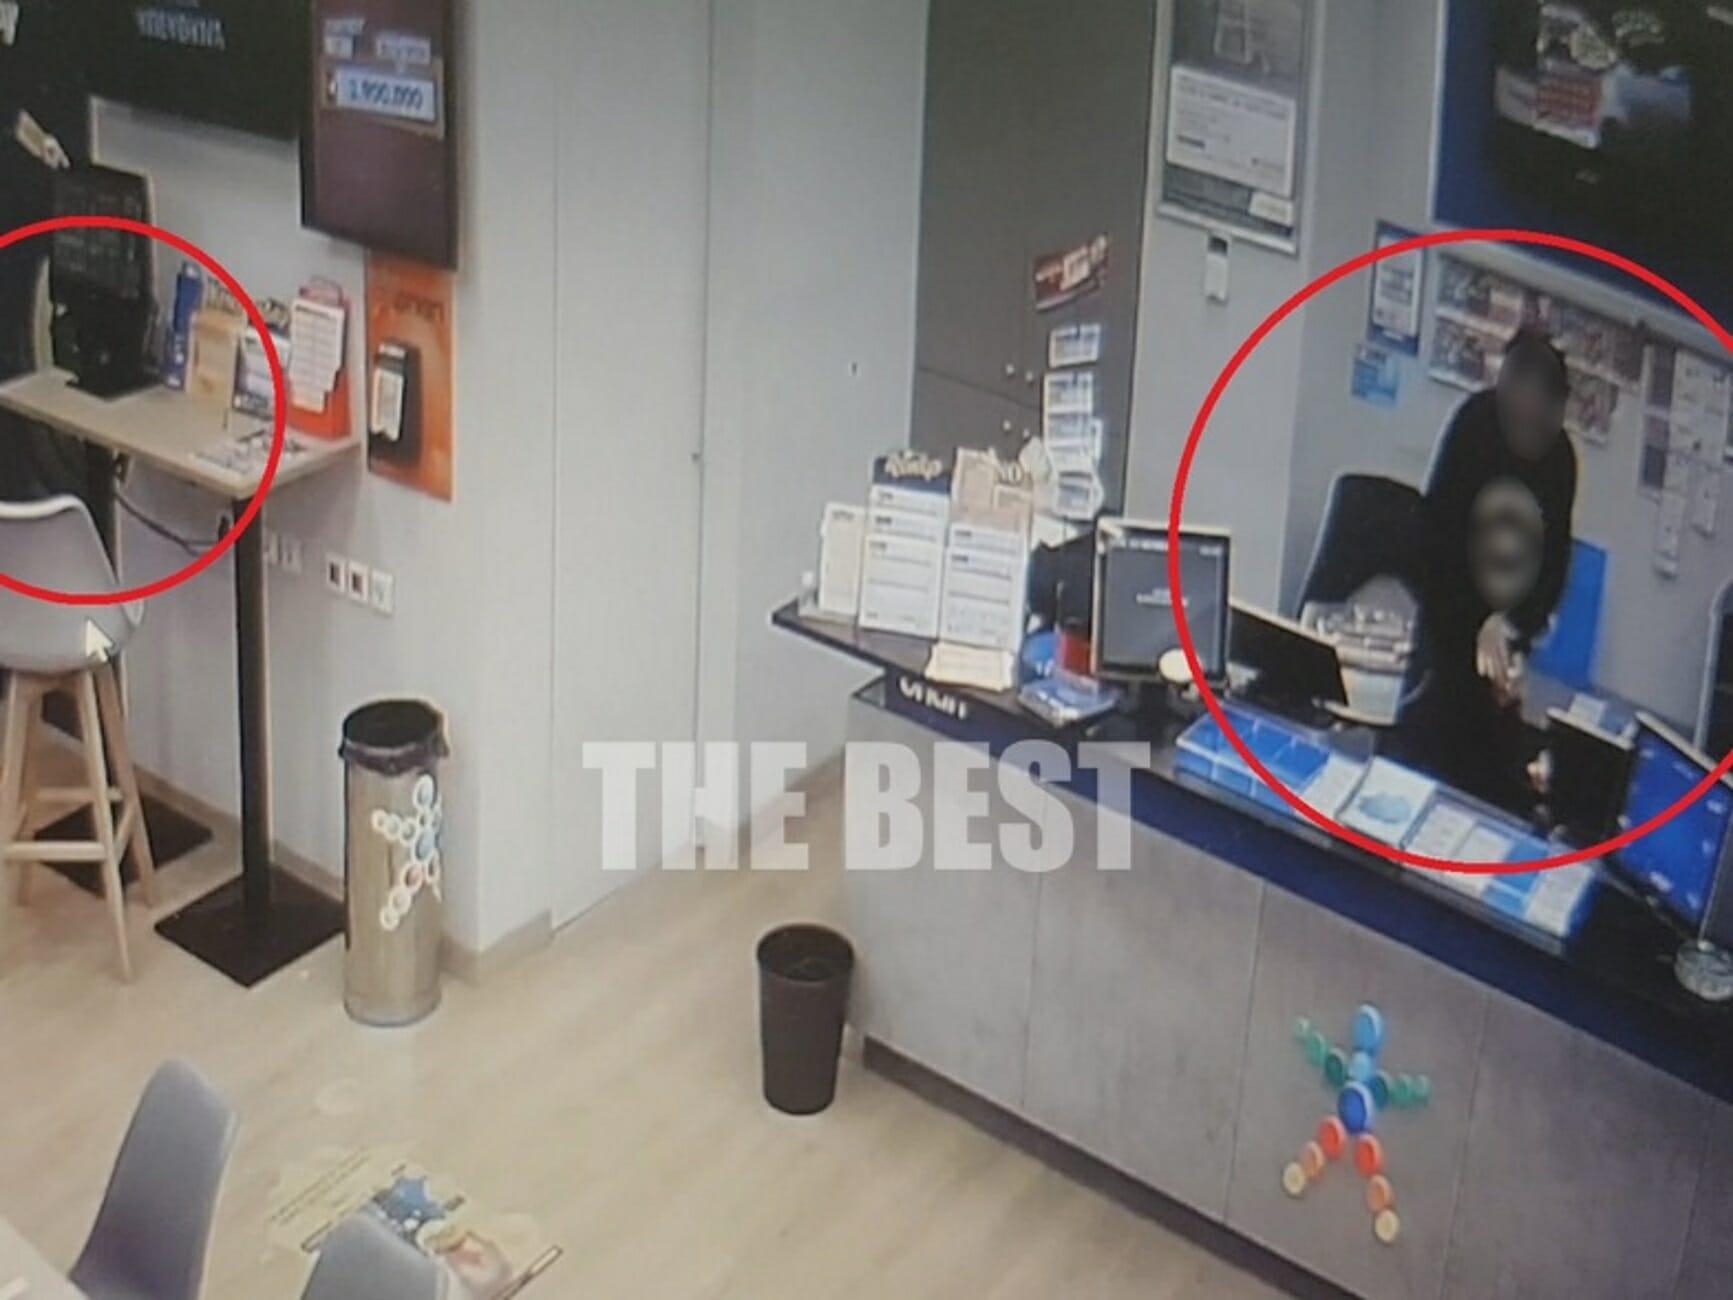 Πάτρα: Μετά τον καφετζή το κλείδωμα! Απίθανη κλοπή 500 ευρώ στην κάμερα (Βίντεο ντοκουμέντο)